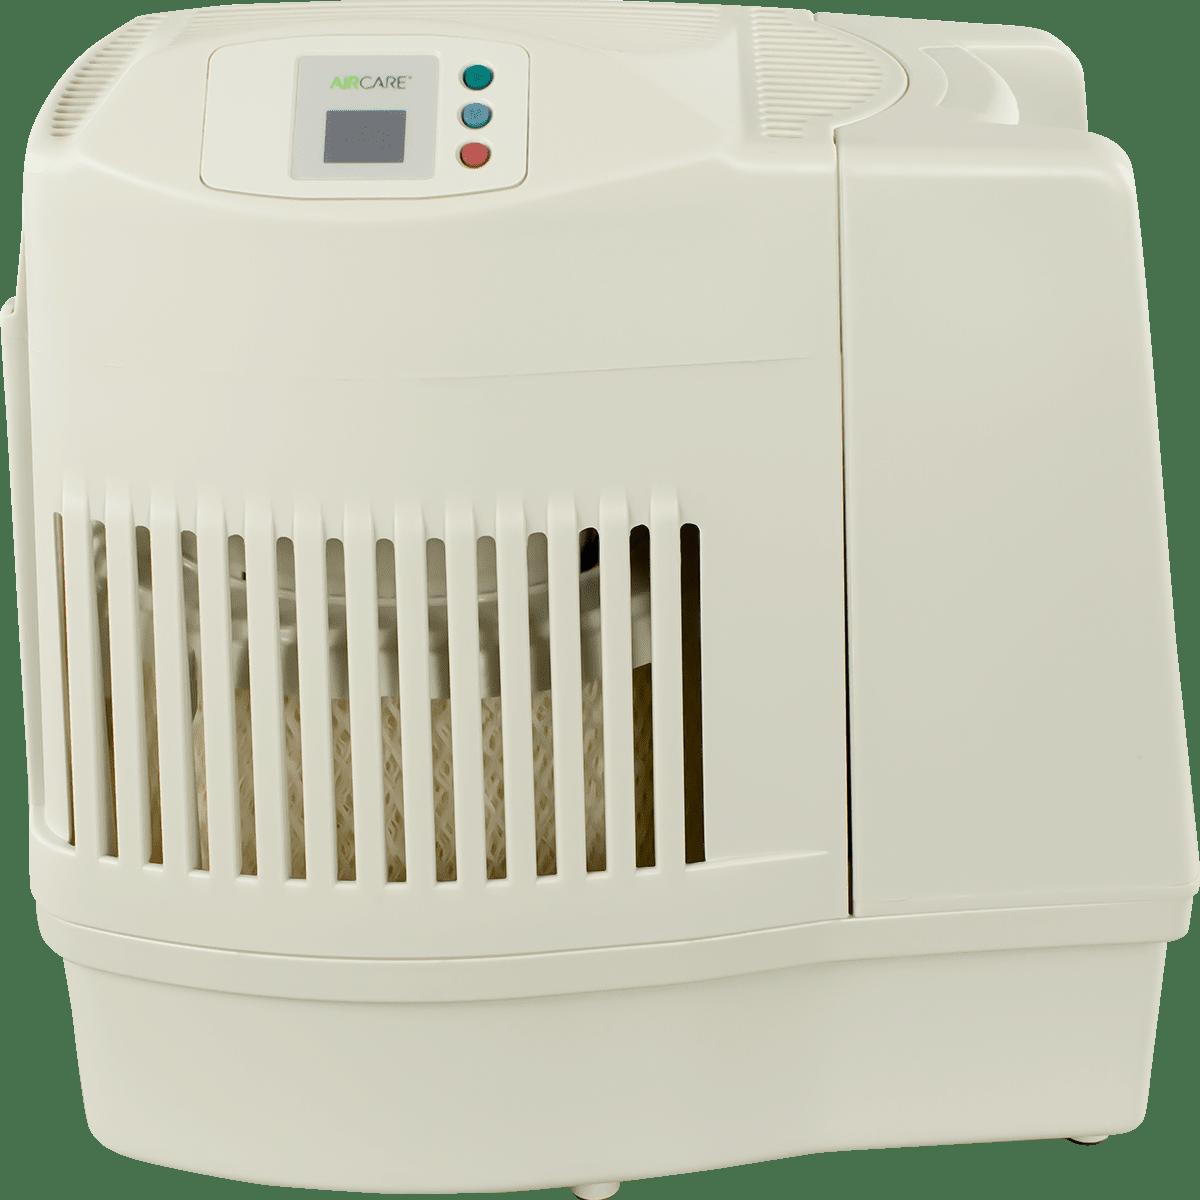 Aircare Whole House Mini Console Evaporative Humidifier